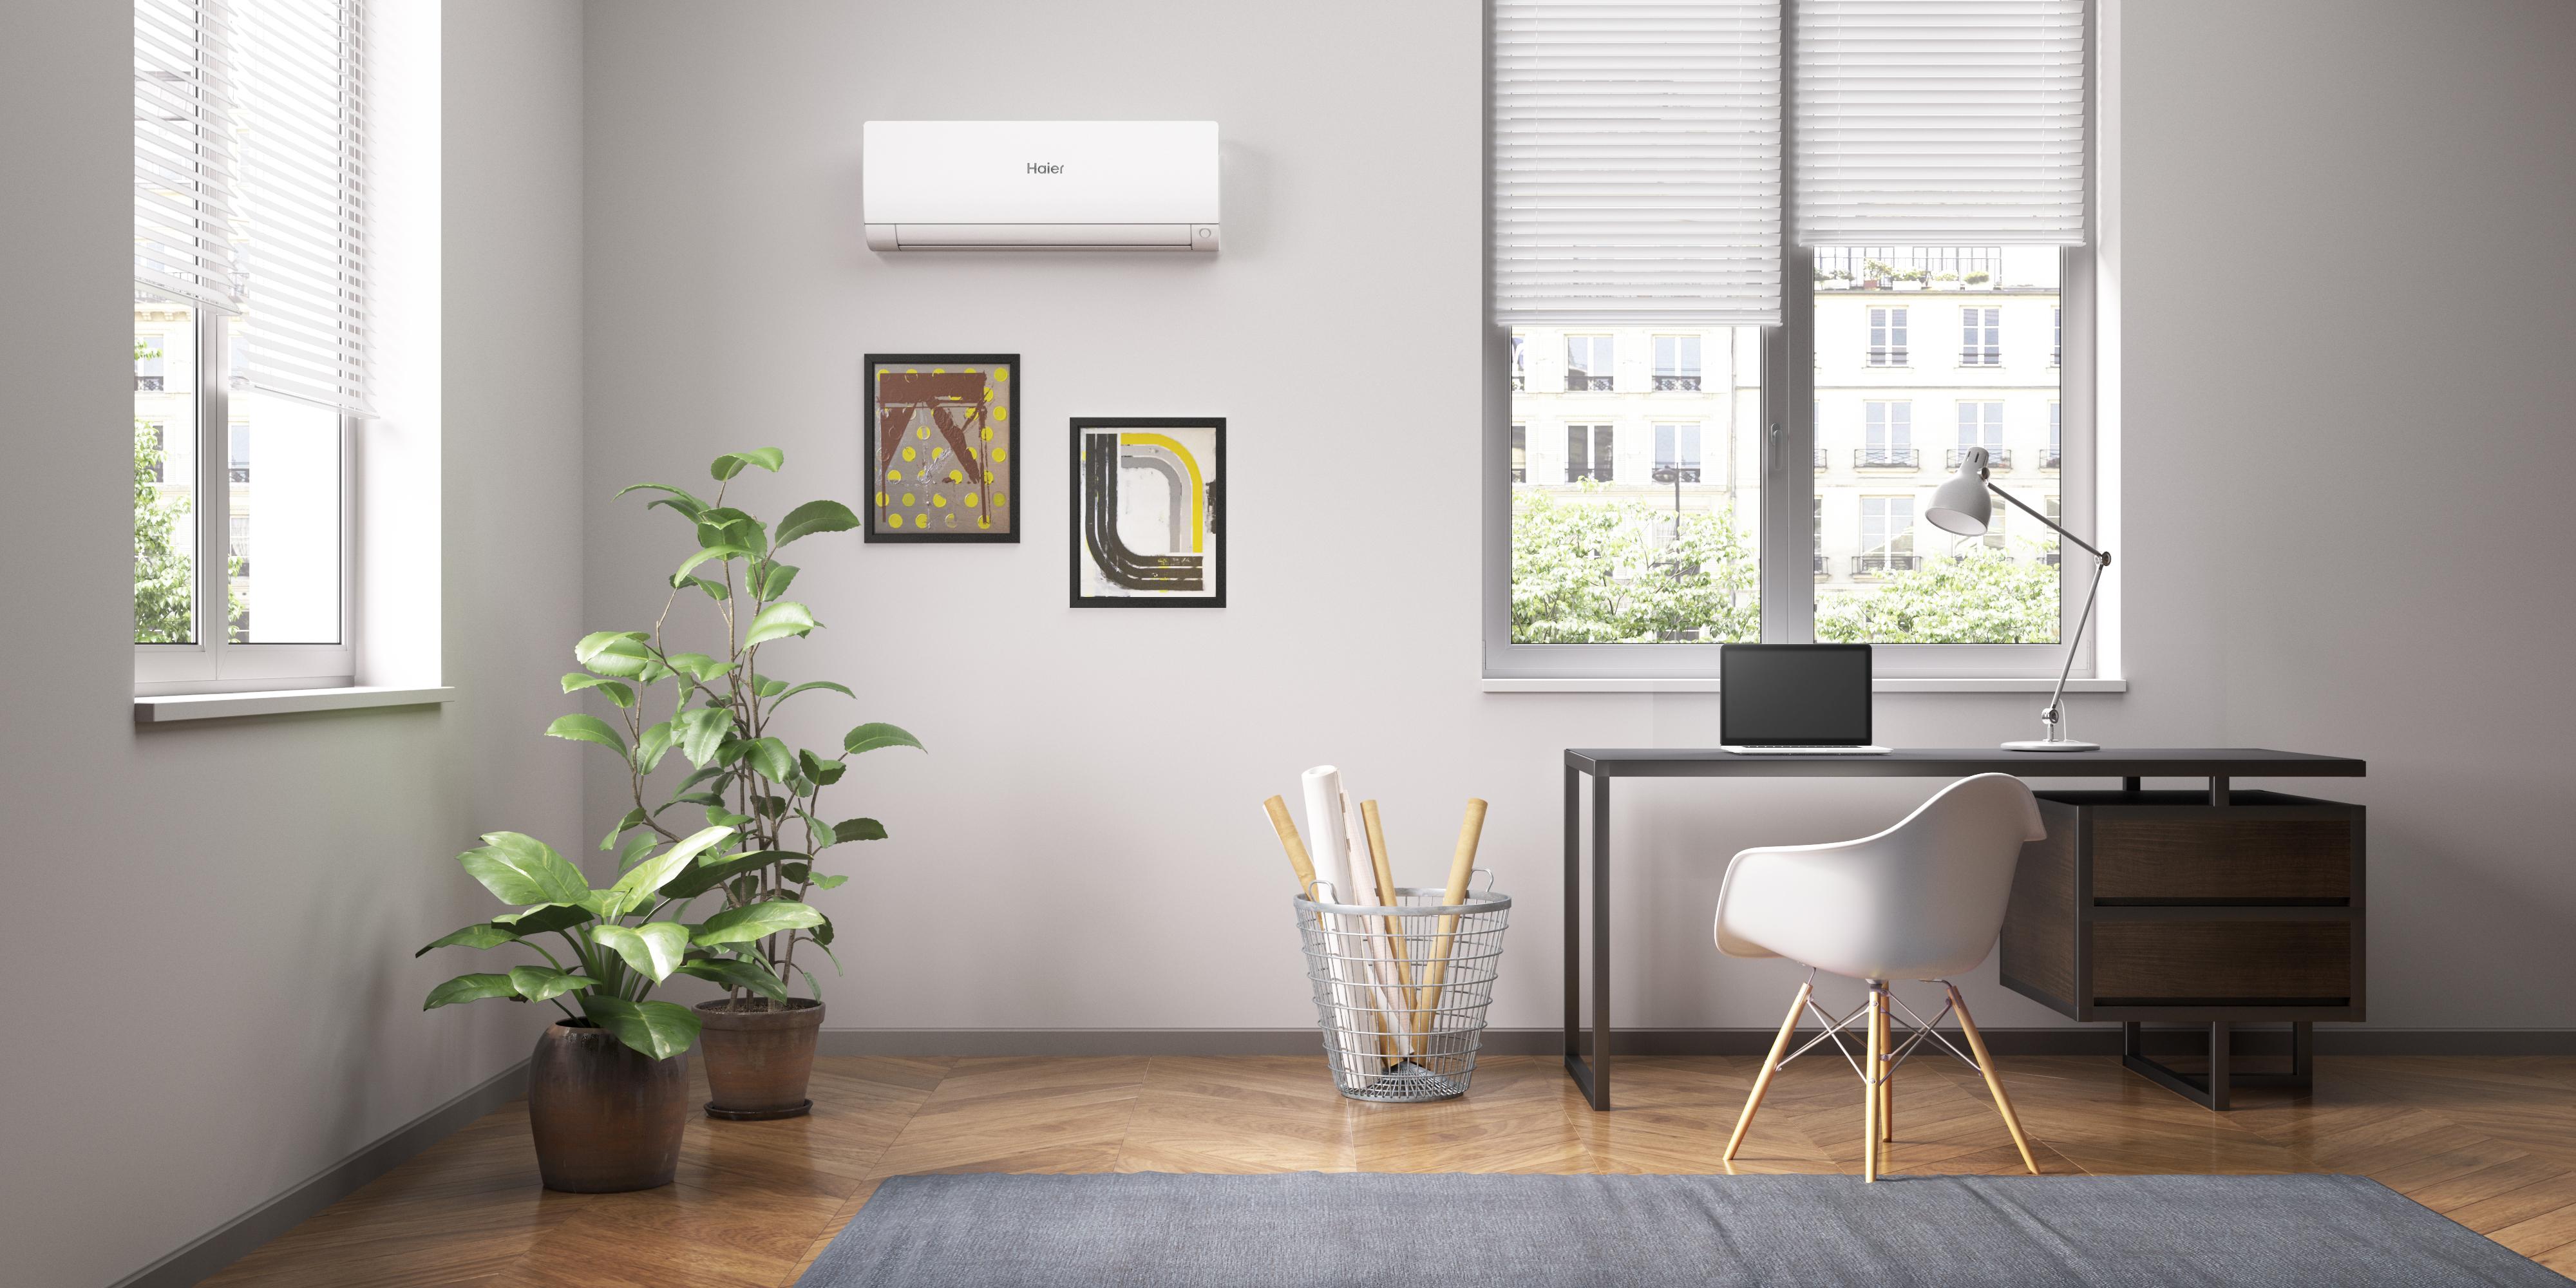 Caldaia A Condensazione Svantaggi pompa di calore: l'efficienza e il risparmio   desivero